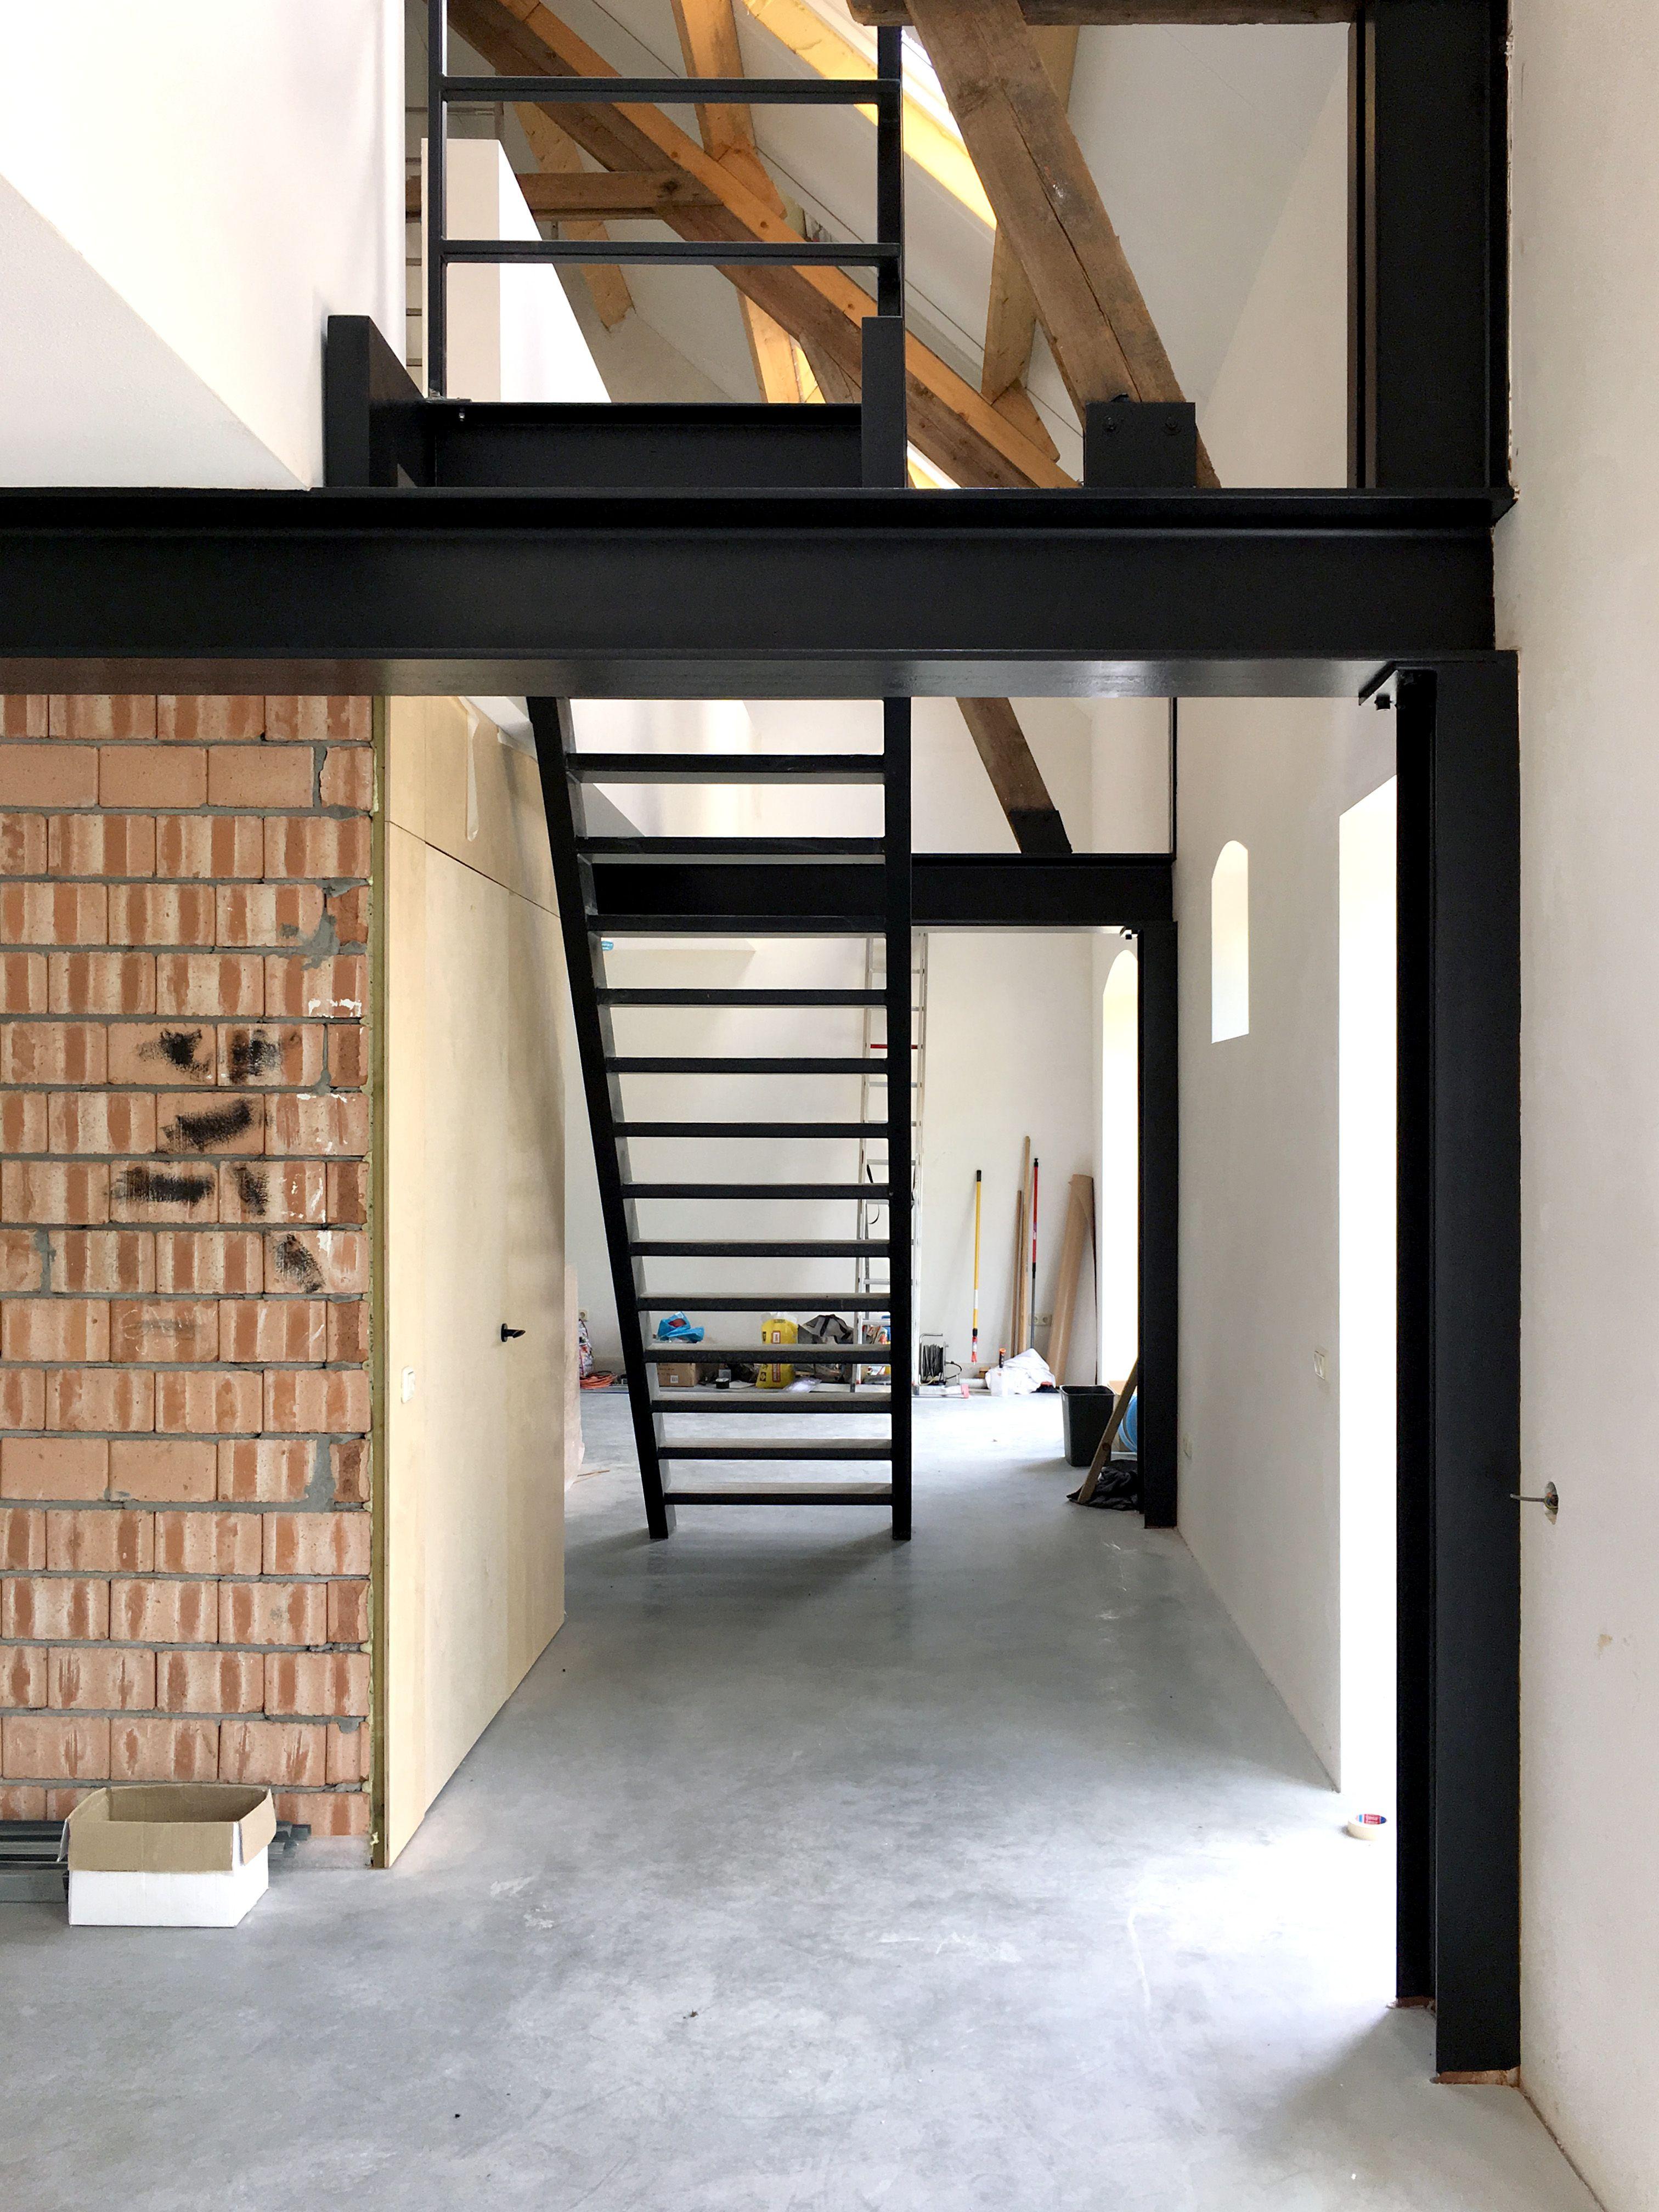 Werk woonboerderij in de lengte van de vide is de trap for Lengte trap